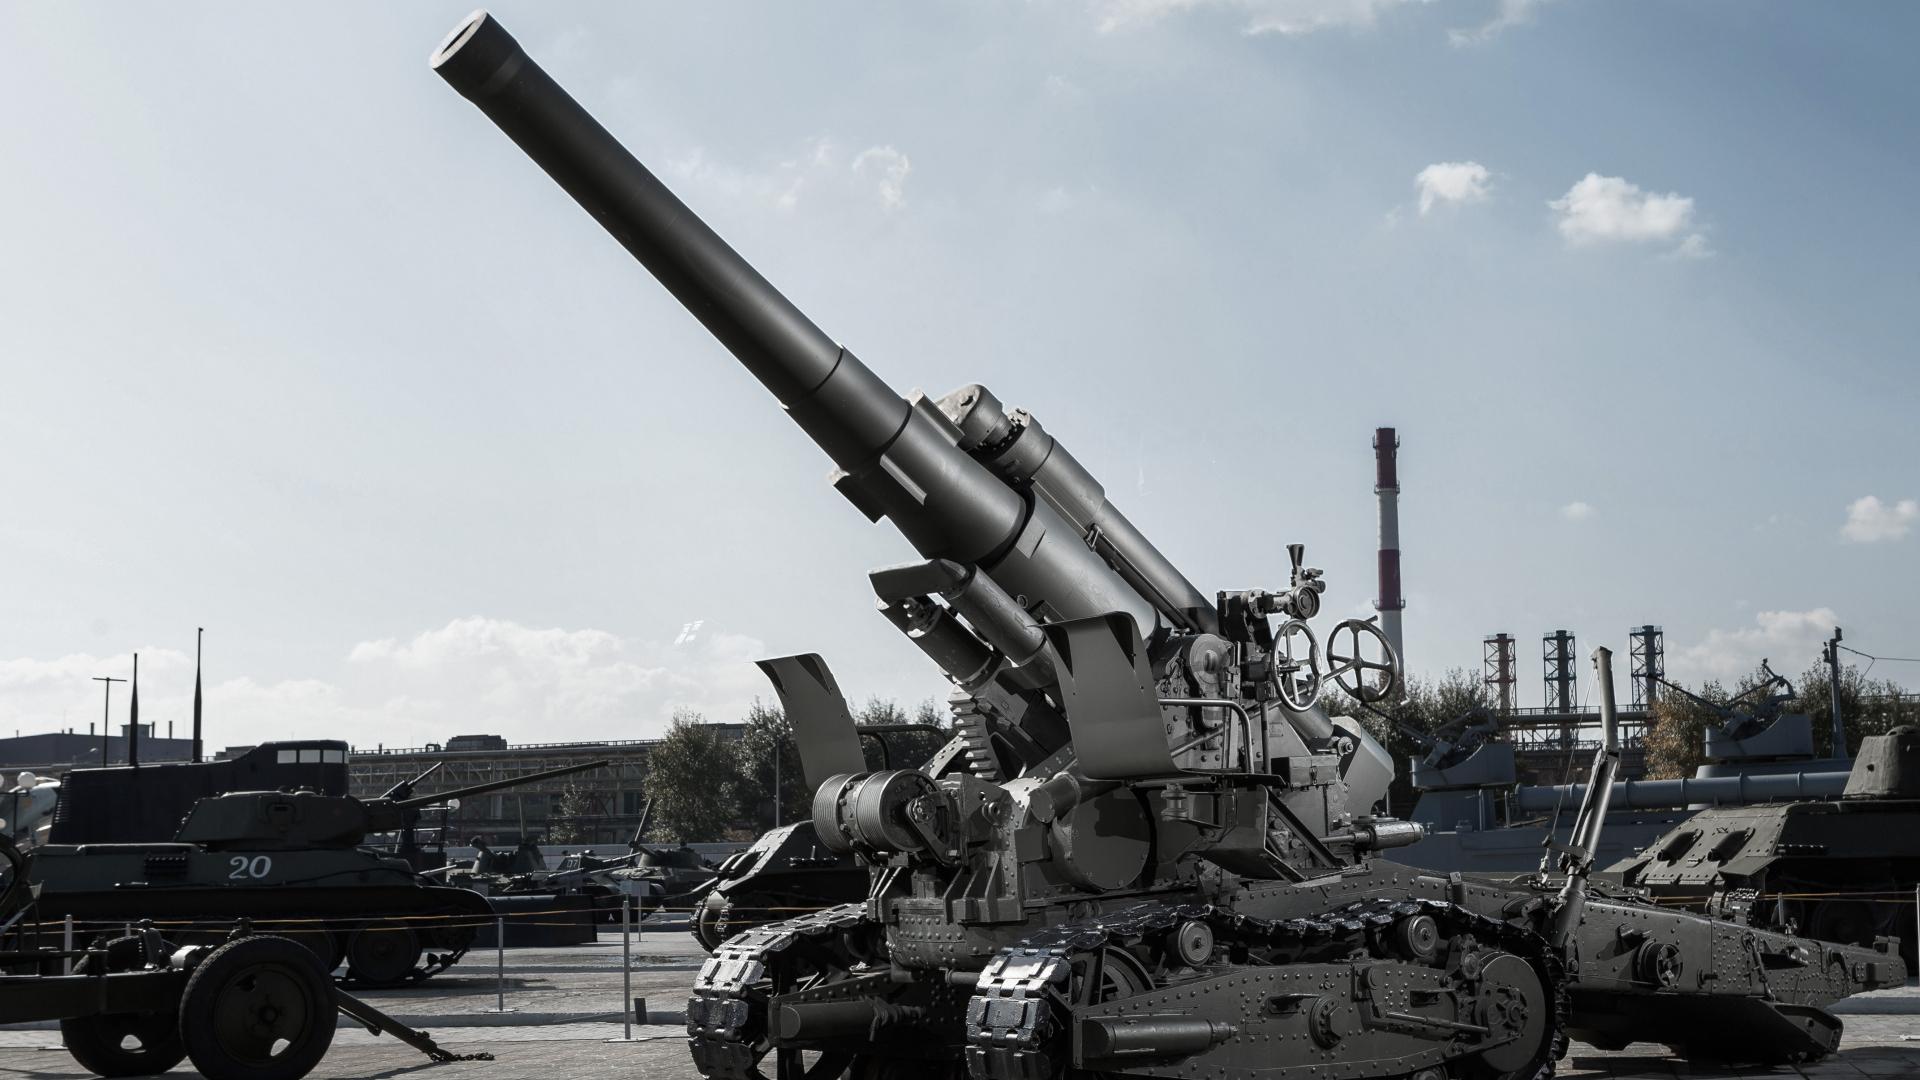 【讲堂547期】二战德国士兵的噩梦,绰号斯大林之锤,直接杀到德国老巢国会大厦